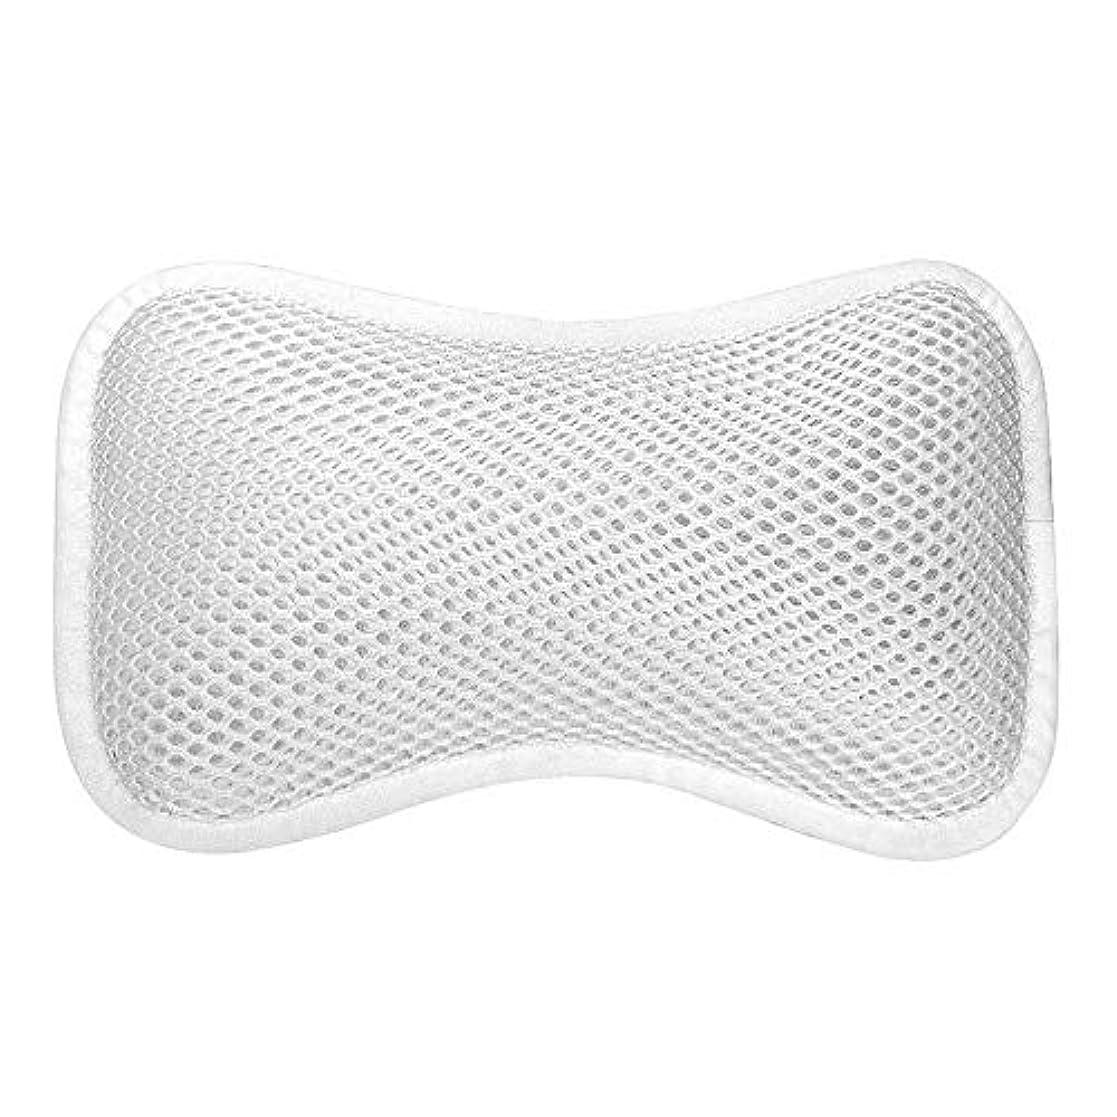 苦悩適合ファッション3D網の骨の定形バスタブの枕、吸盤が付いている人間工学的の設計滑り止??めの浴槽の枕